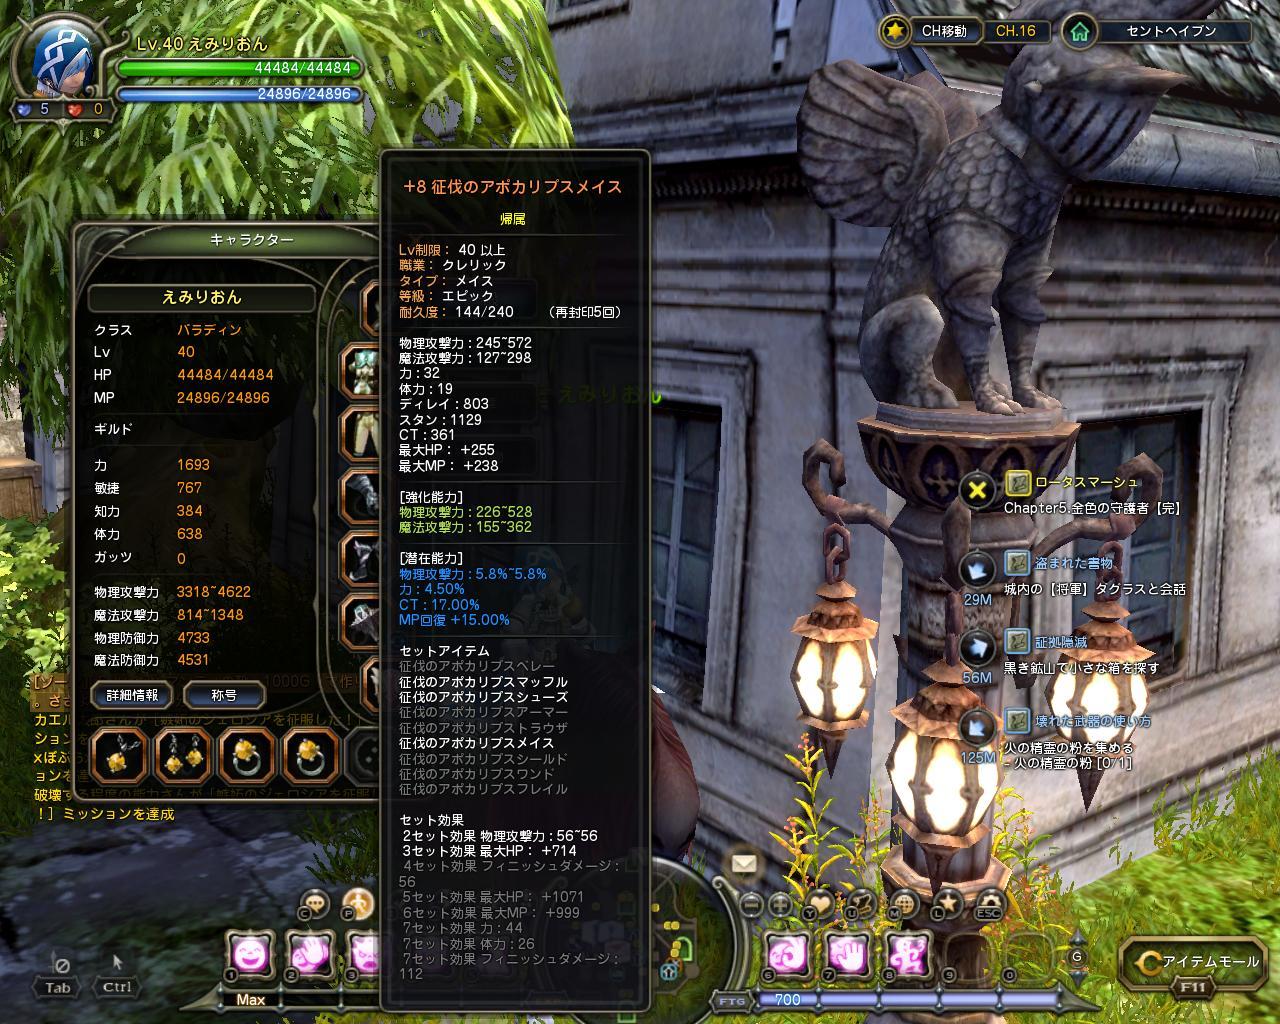 DN 2011-03-16 21-56-13 Wed